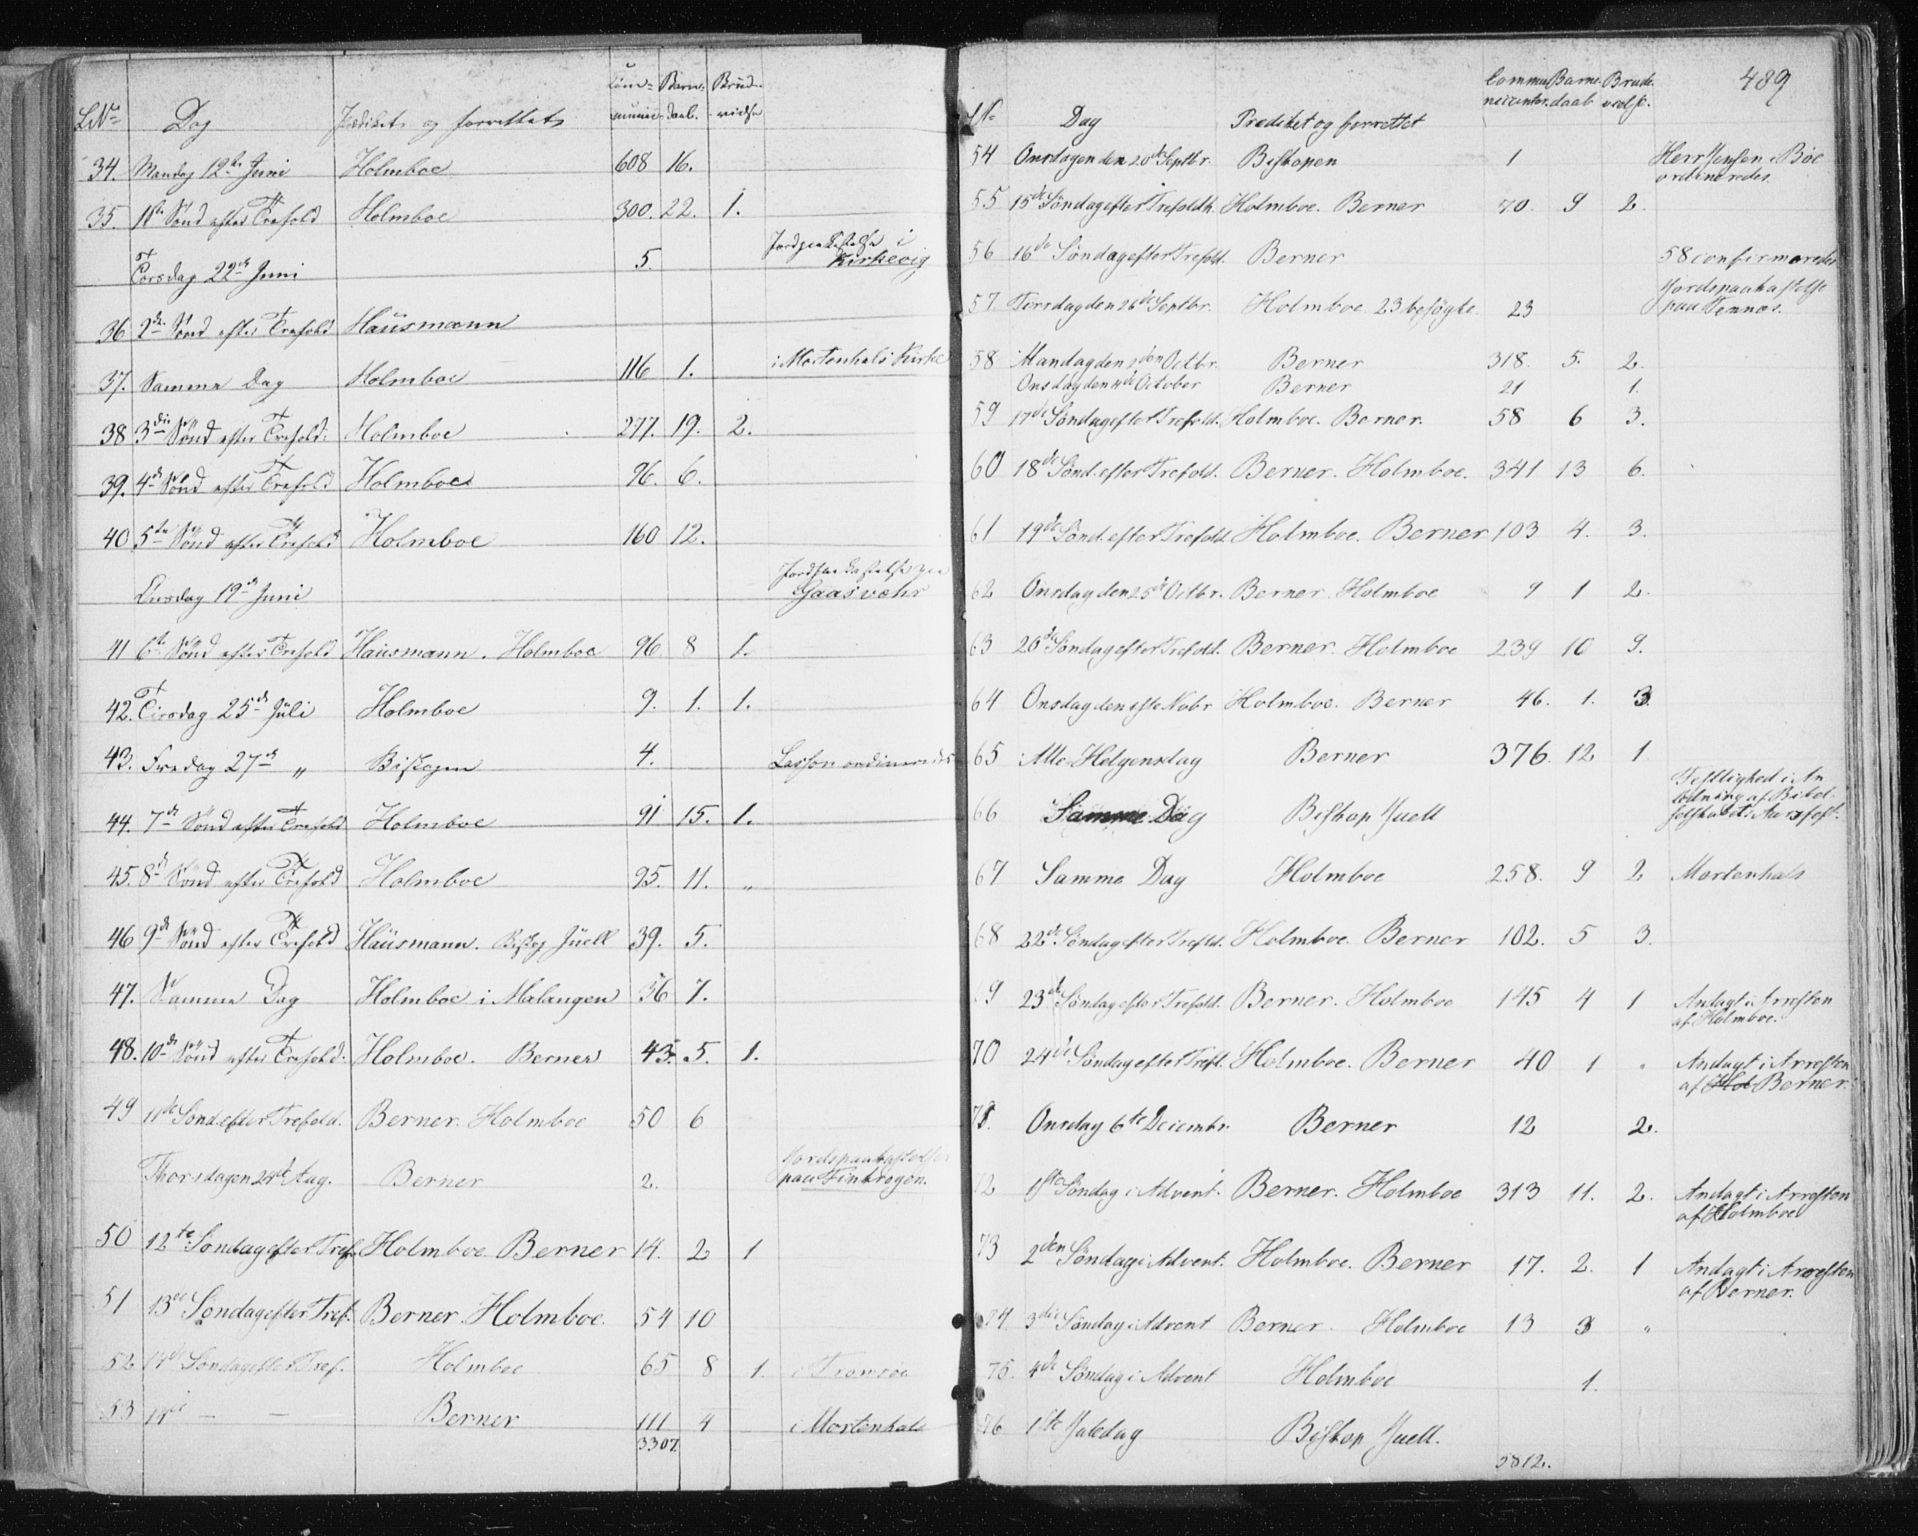 SATØ, Tromsø sokneprestkontor/stiftsprosti/domprosti, G/Ga/L0010kirke: Ministerialbok nr. 10, 1848-1855, s. 489